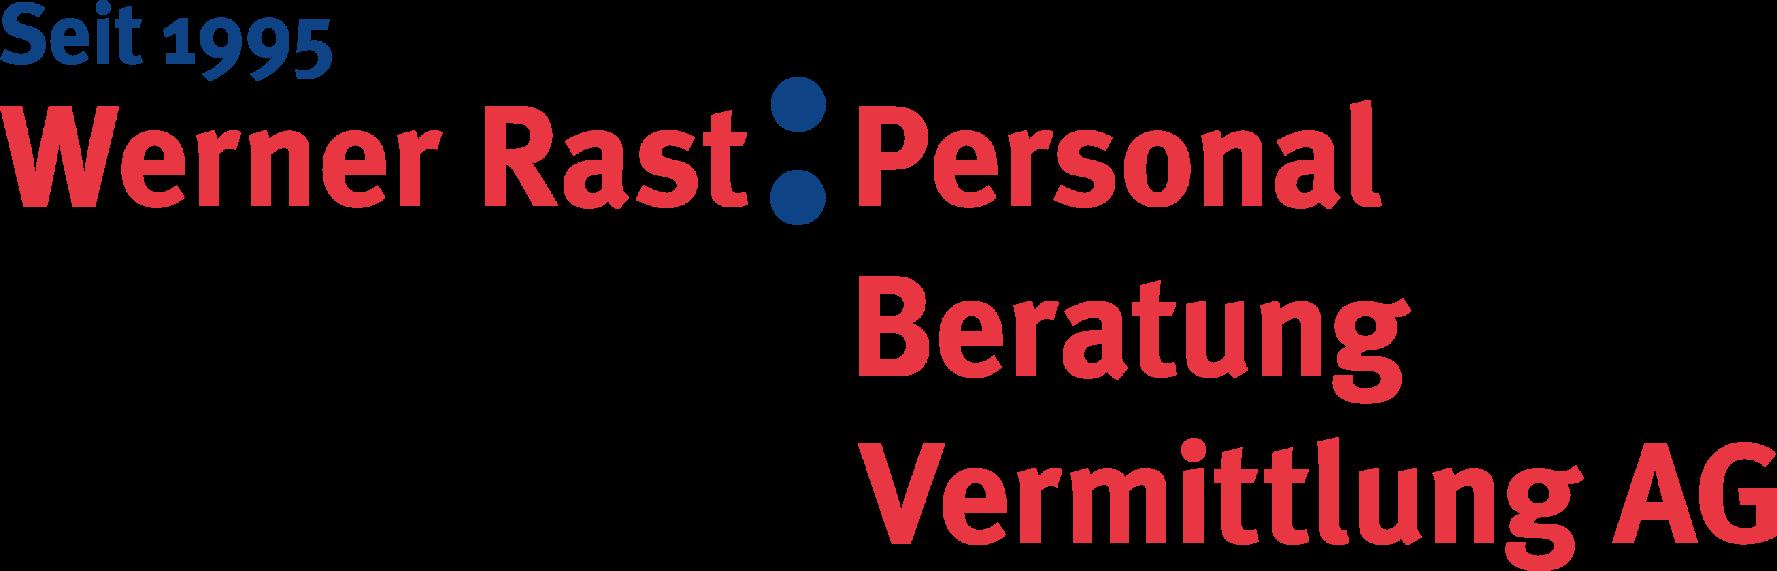 Werner Rast : Personal Beratung Vermittlung AG - Seit 1995